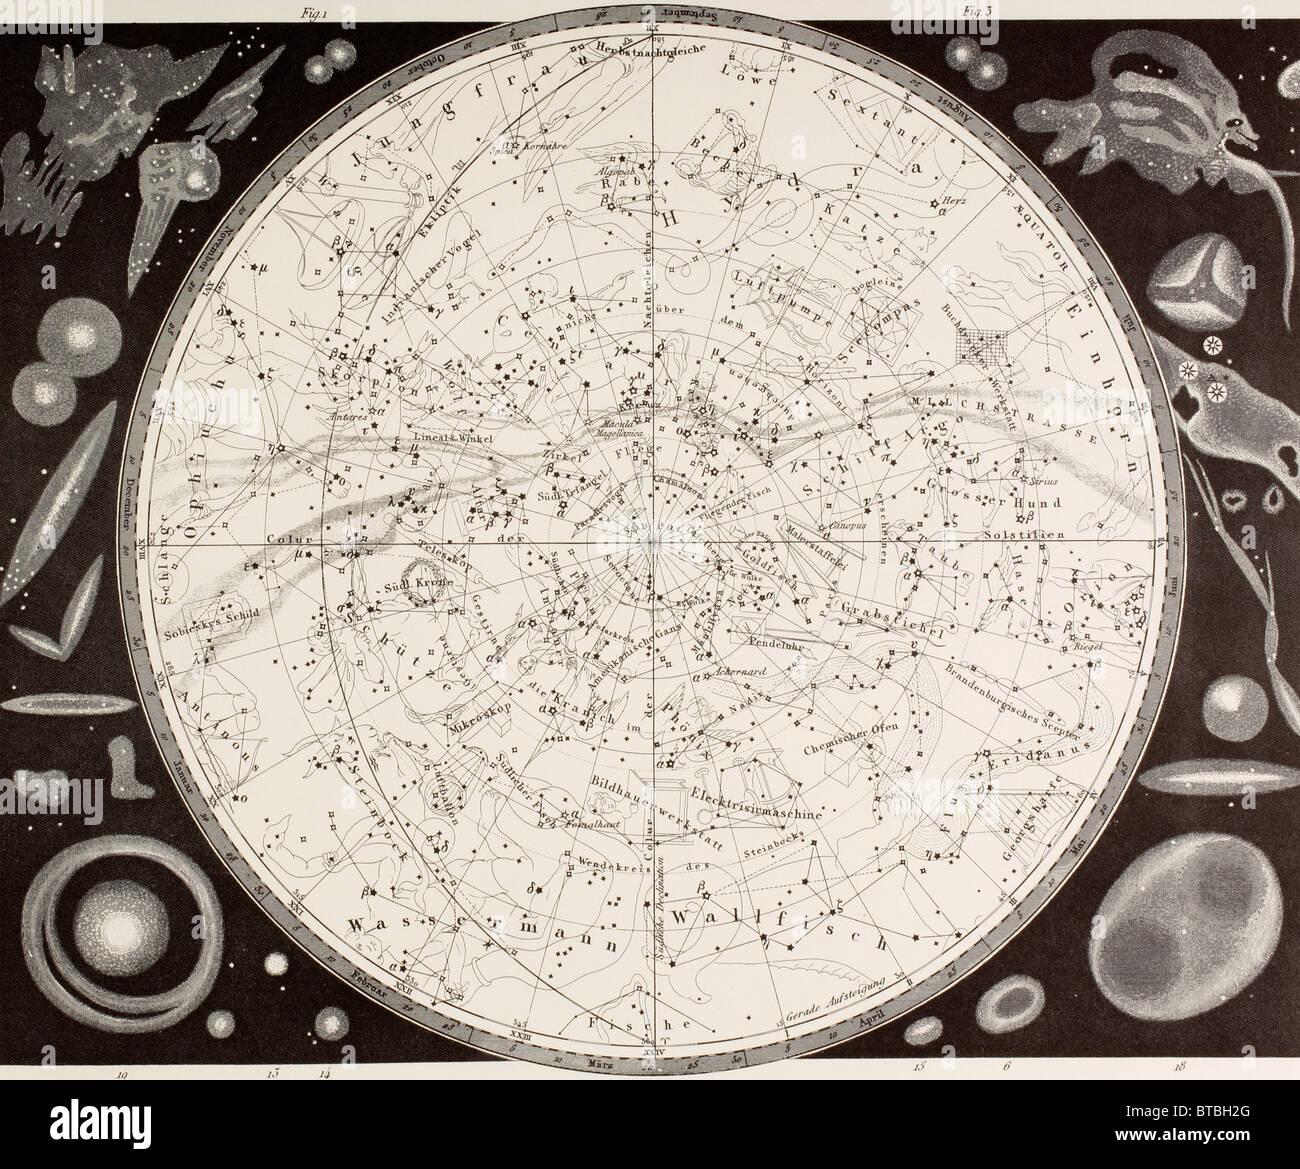 Xix secolo la mappa del cielo del sud. Immagini Stock